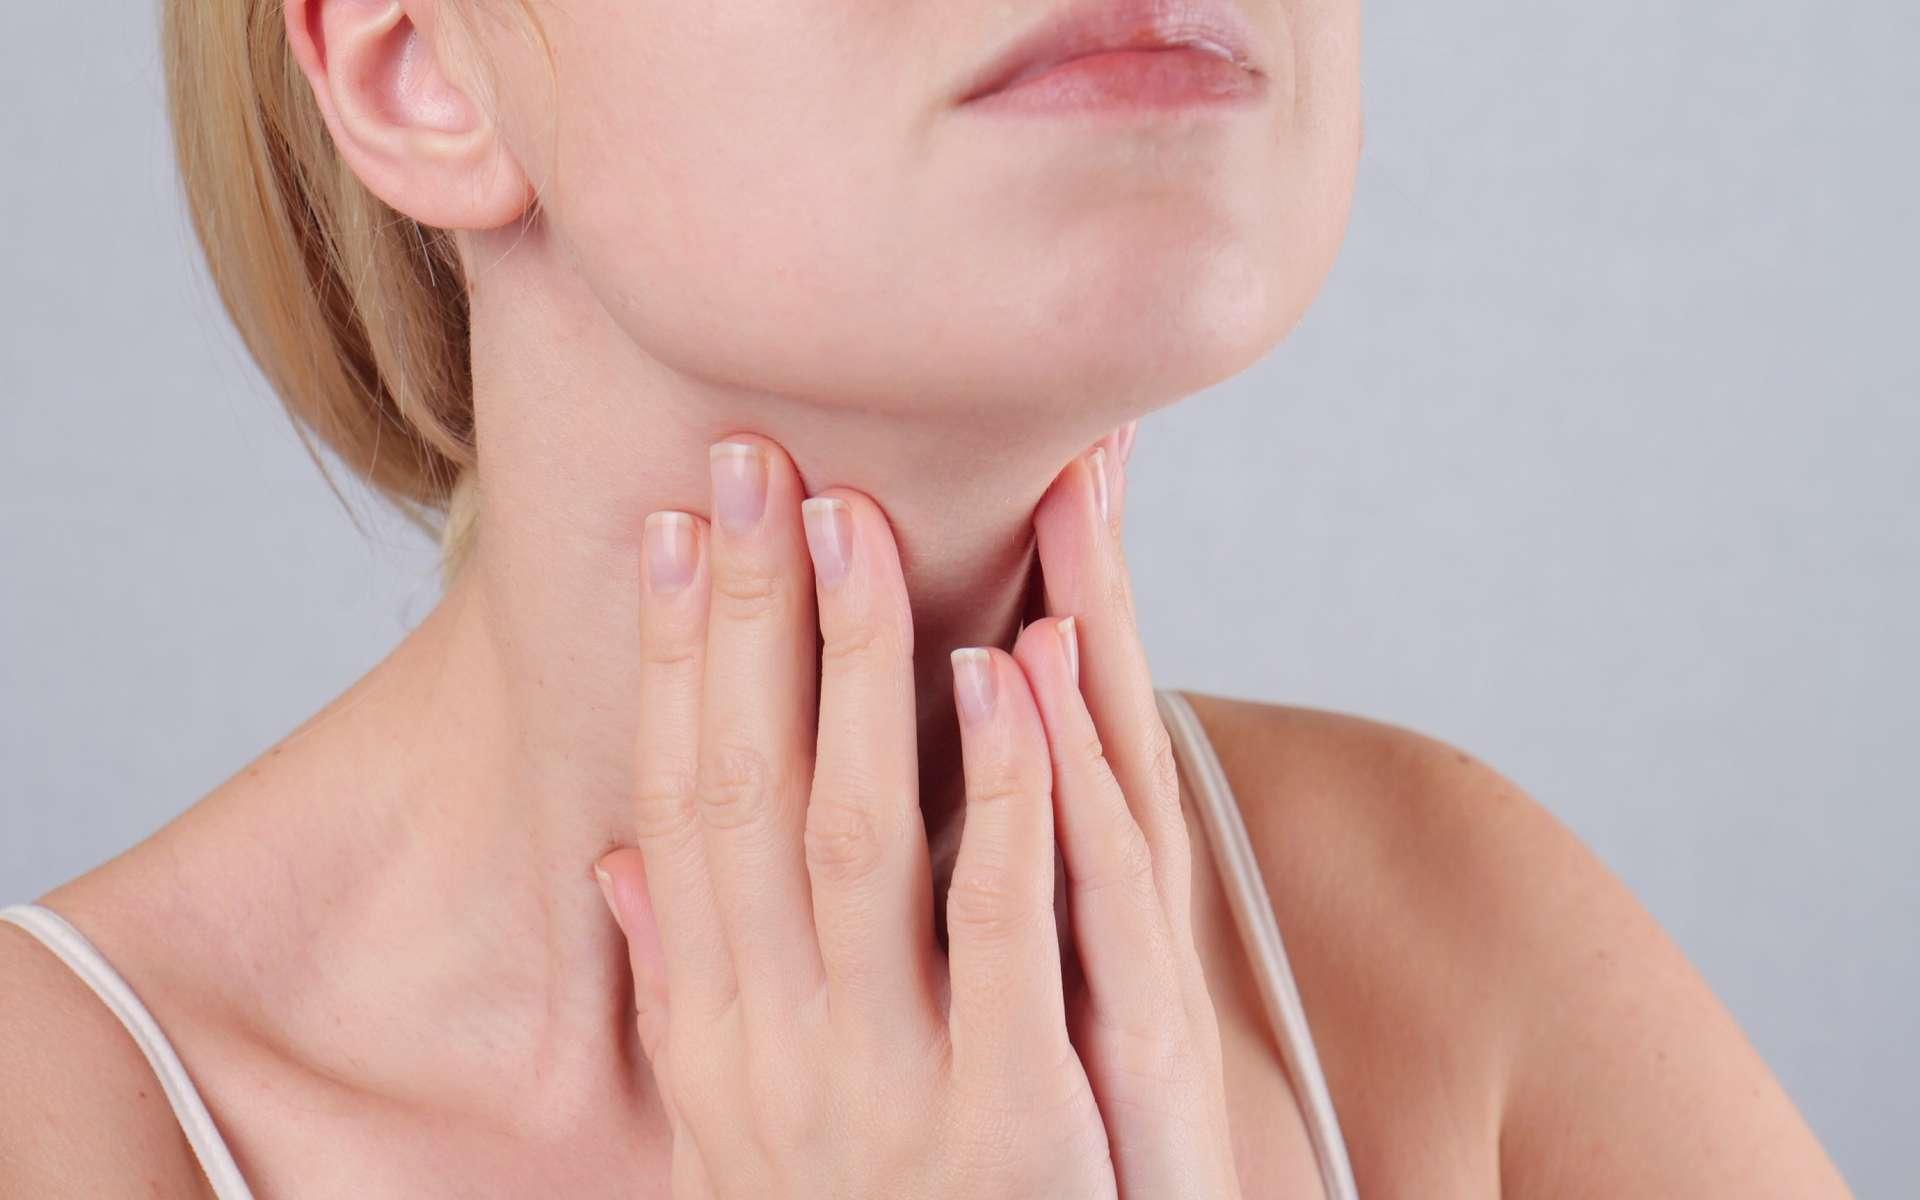 Le cancer de la thyroïde est en hausse depuis plusieurs décennies en France. Y a-t-il trop de diagnostics et de traitements inutiles ? Quel lien établir avec Tchernobyl ? © Albina Glisic, Shutterstock